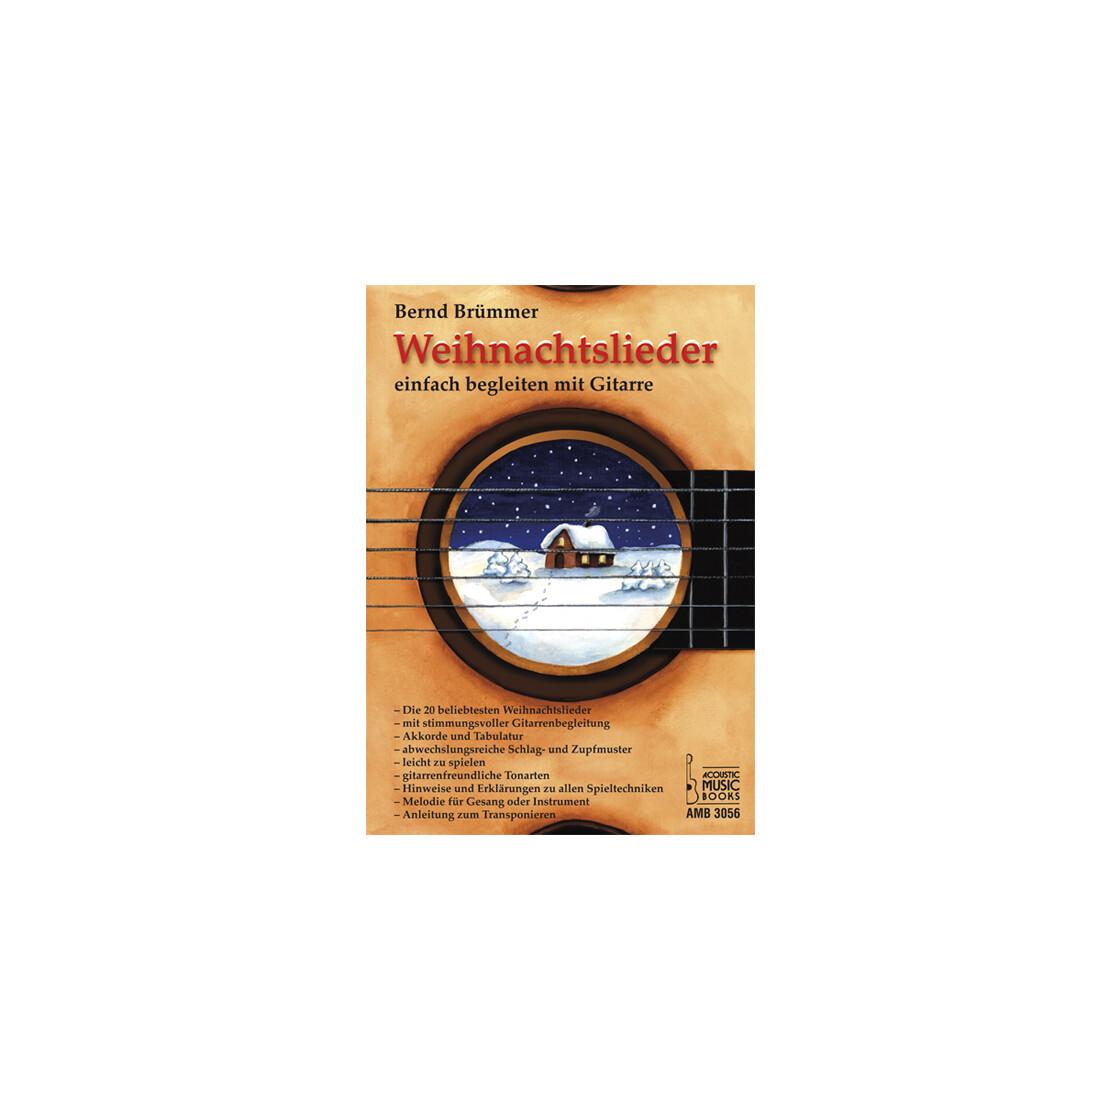 Weihnachtslieder Einfach.Weihnachtslieder Einfach Begleiten Mit Gitarre